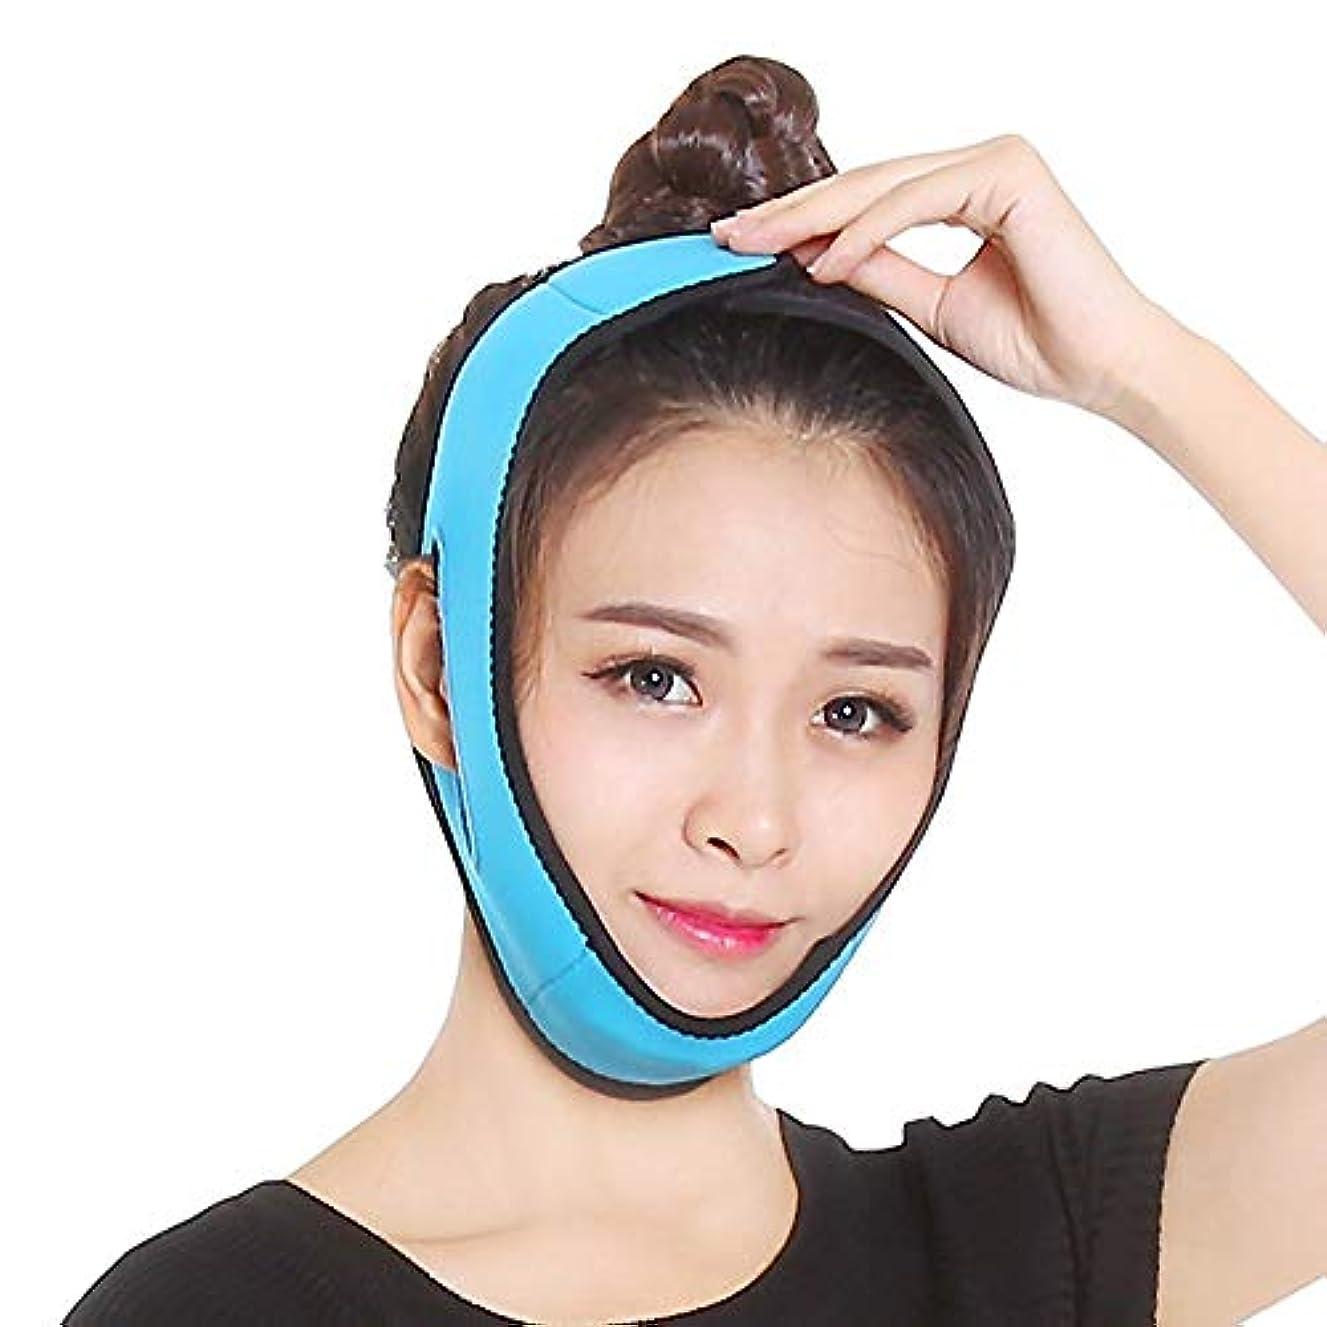 靴主引き出すフェイスリフトベルト 薄い顔のベルト - 薄い顔のツール薄い顔のベルト通気性のラテックスのマッサージV型の顔のアーティファクトの顔の薄いマスク